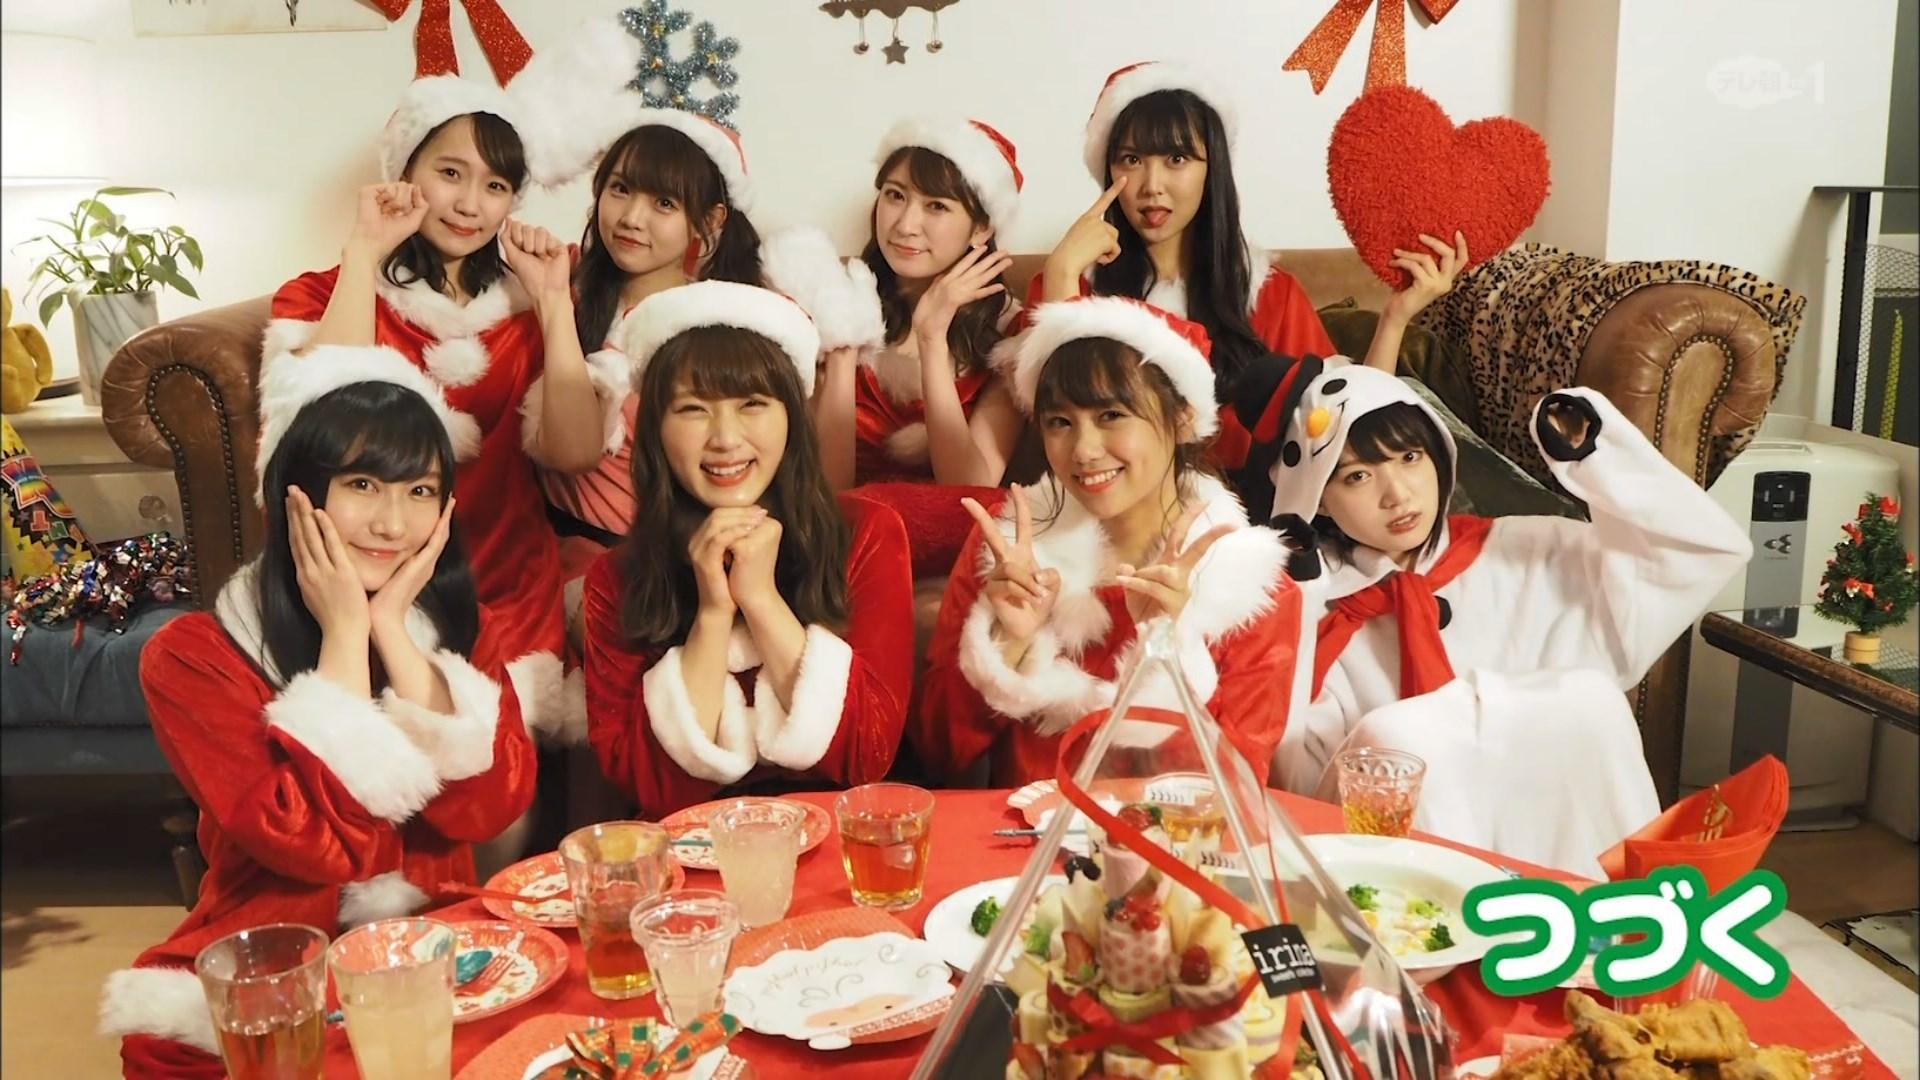 【NMB48】テレ朝1「NMB48のホームパーティー!!サンタ・コスでメリクリやねん2時間SP」キャプ画像